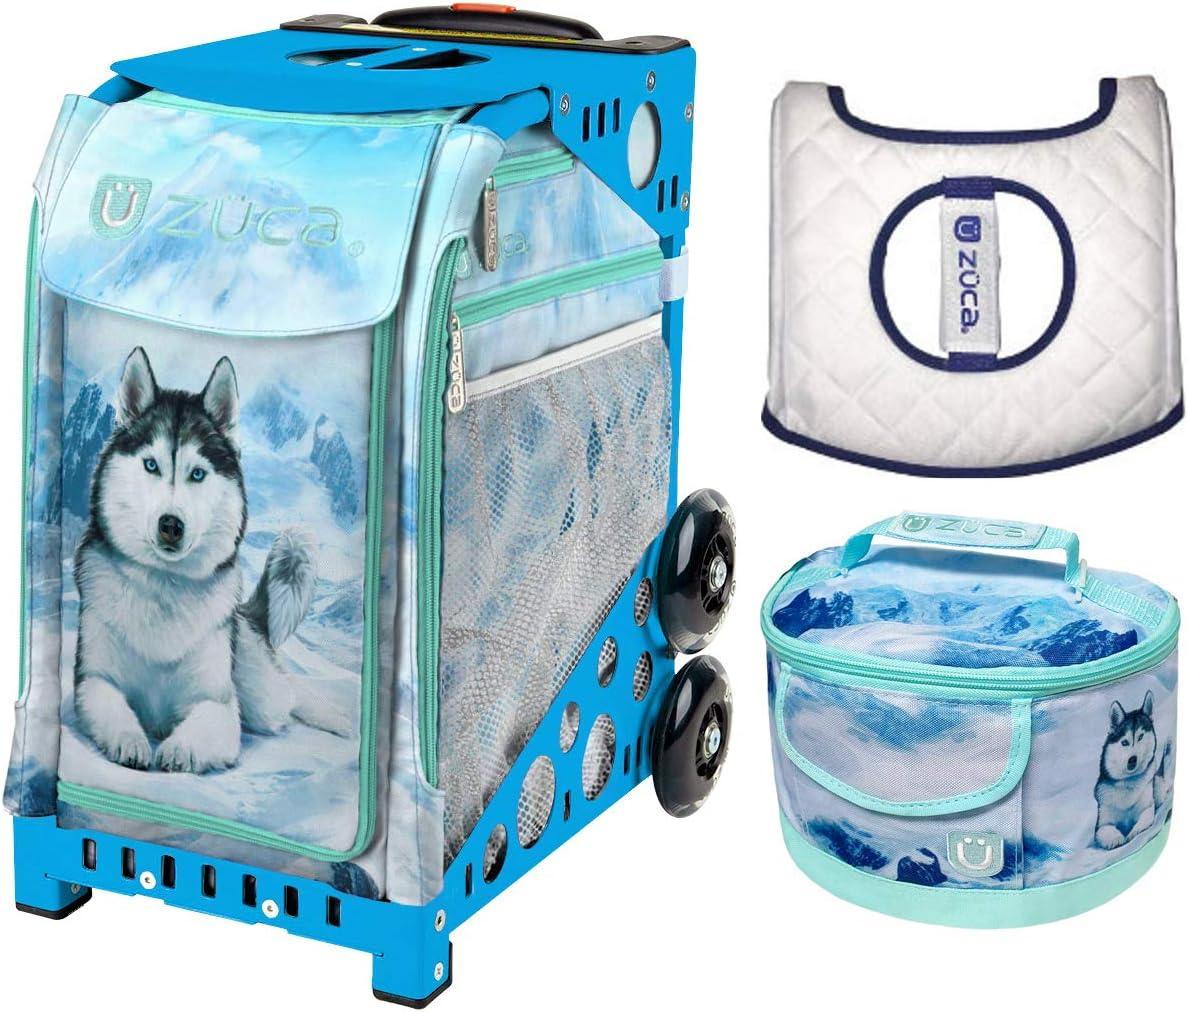 直営限定アウトレット 全国どこでも送料無料 ZUCA Sport Bag - Husky with C Garden Seat and Lunchbox Ice